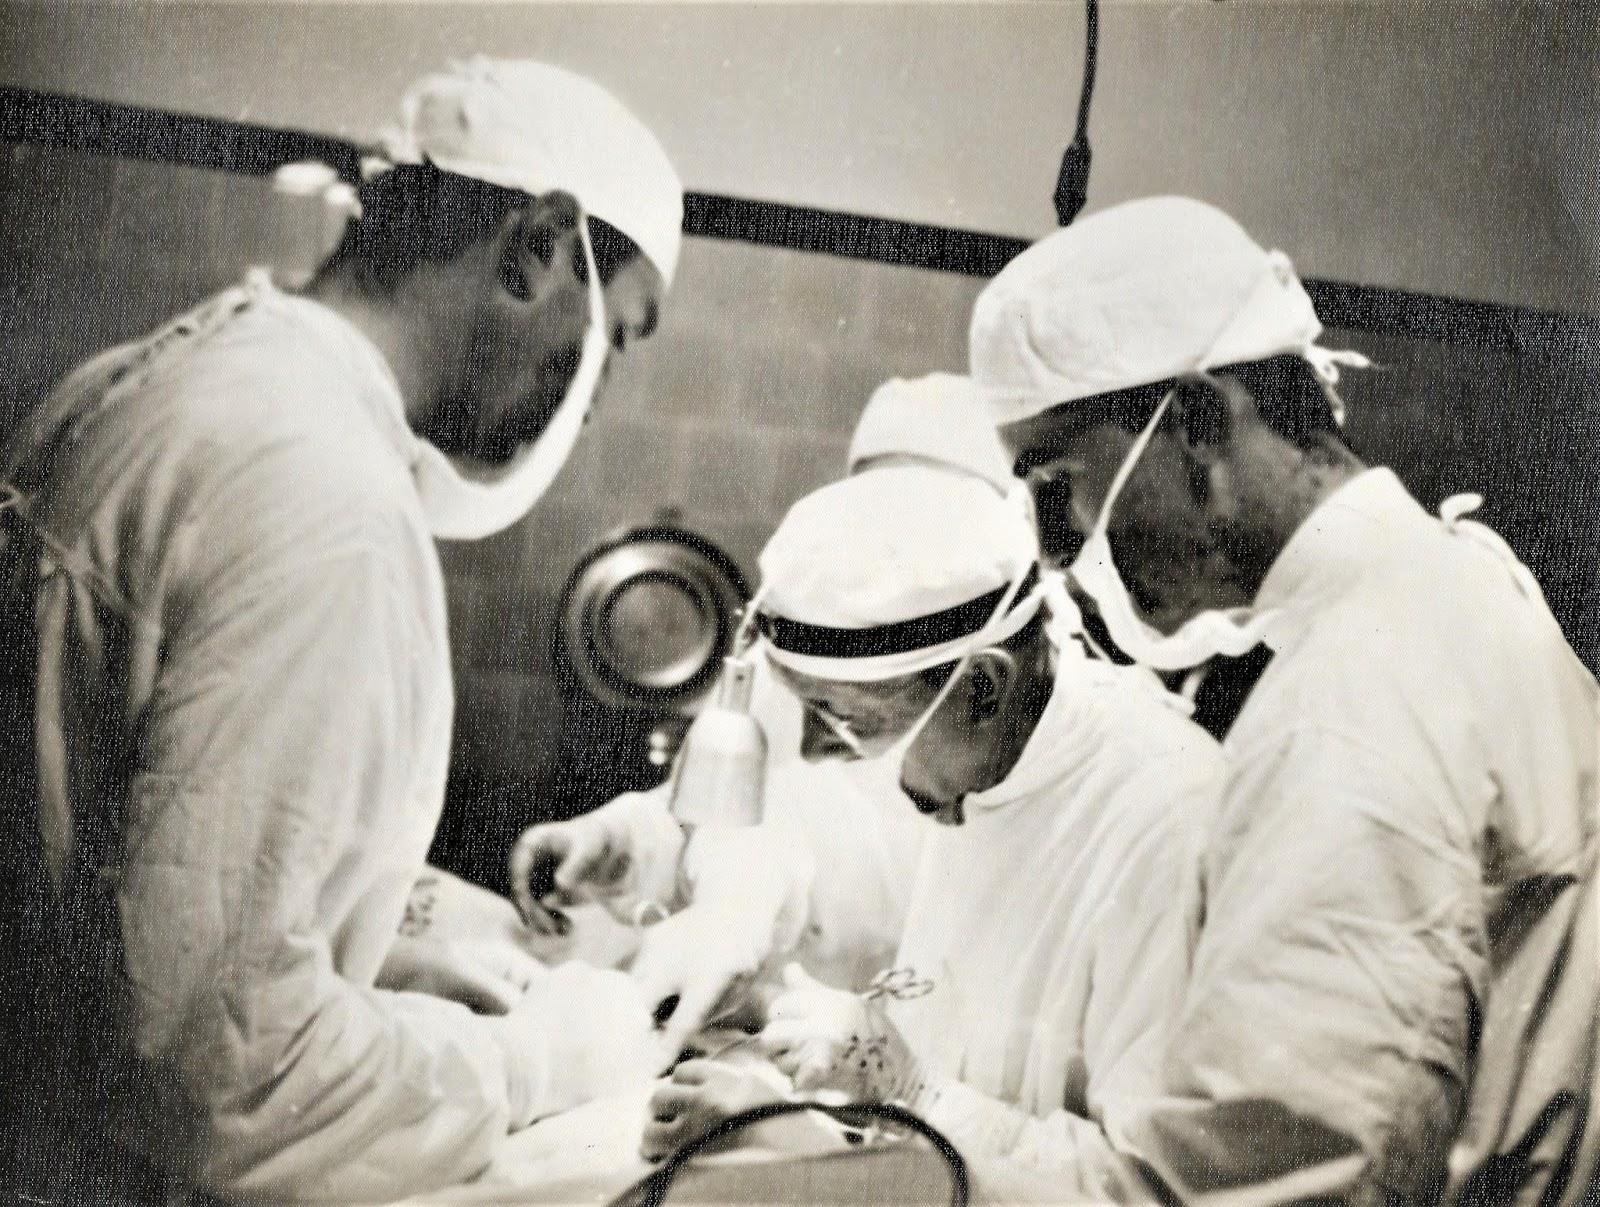 1ª cirurgia em 1955